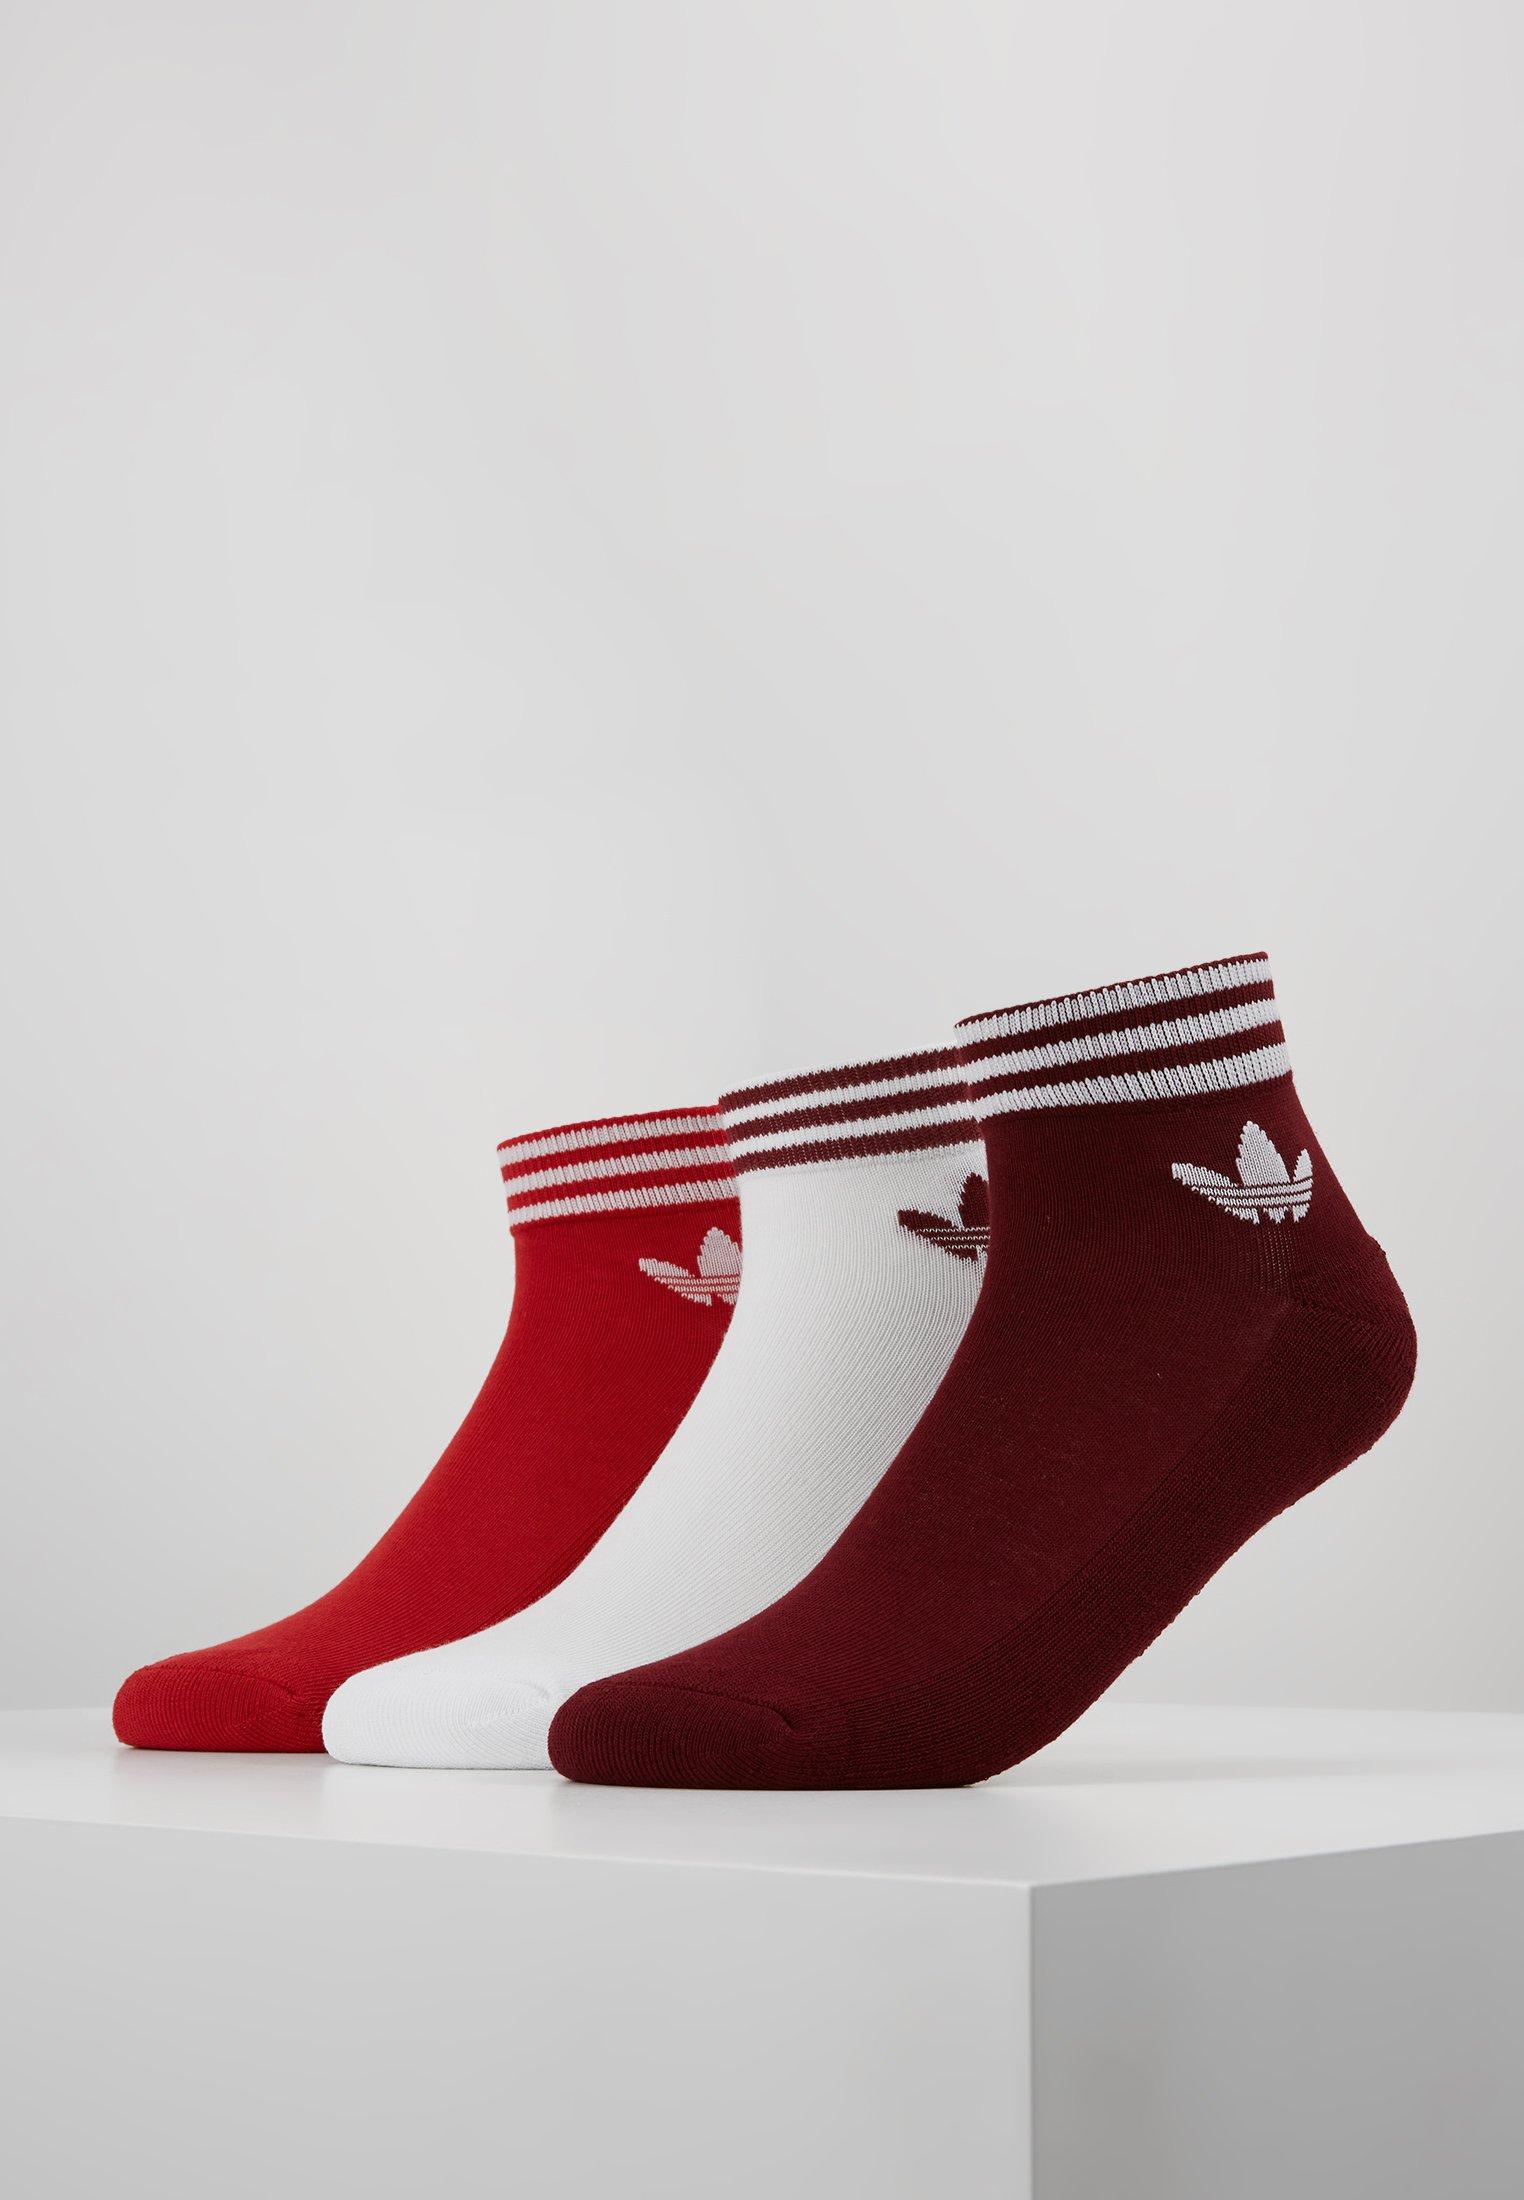 ChaussettesBordeaux Adidas red Originals Originals white Adidas c5R3j4ALq